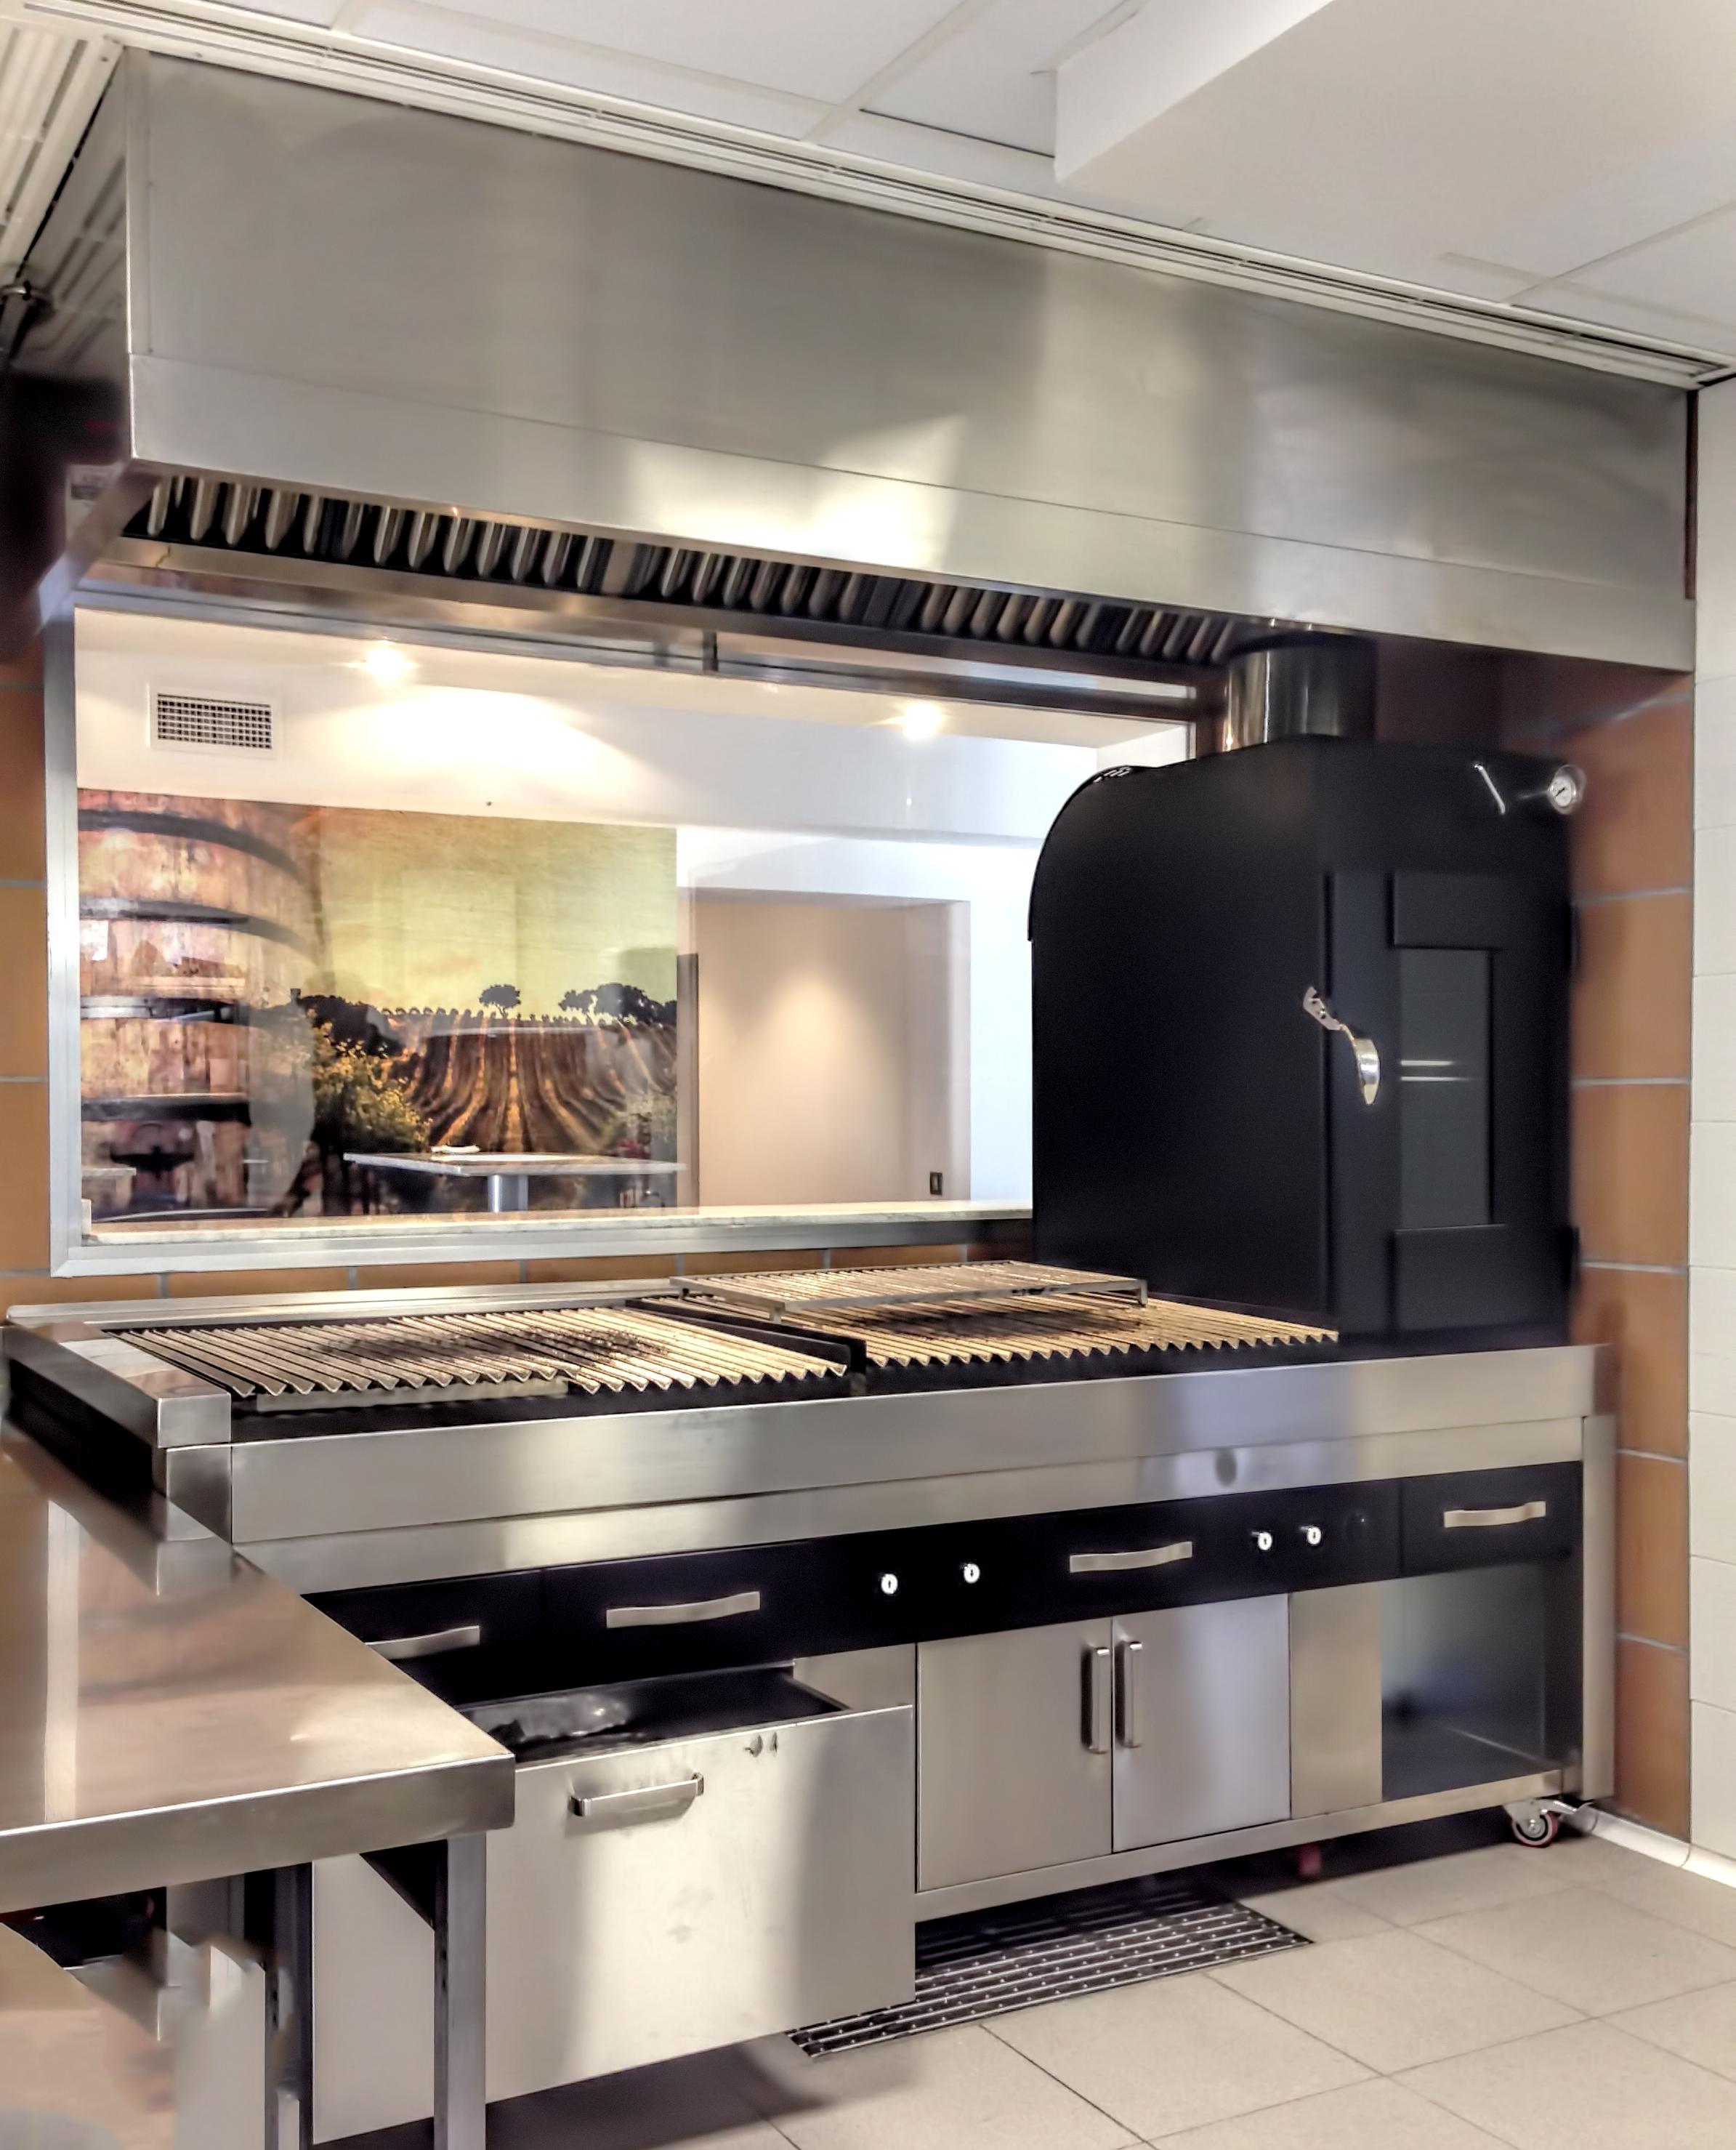 fotos-parrillas-proyectos-obras-aceroinnova-cocinas-hosteleria-restauracion-instalaciones-montaje17